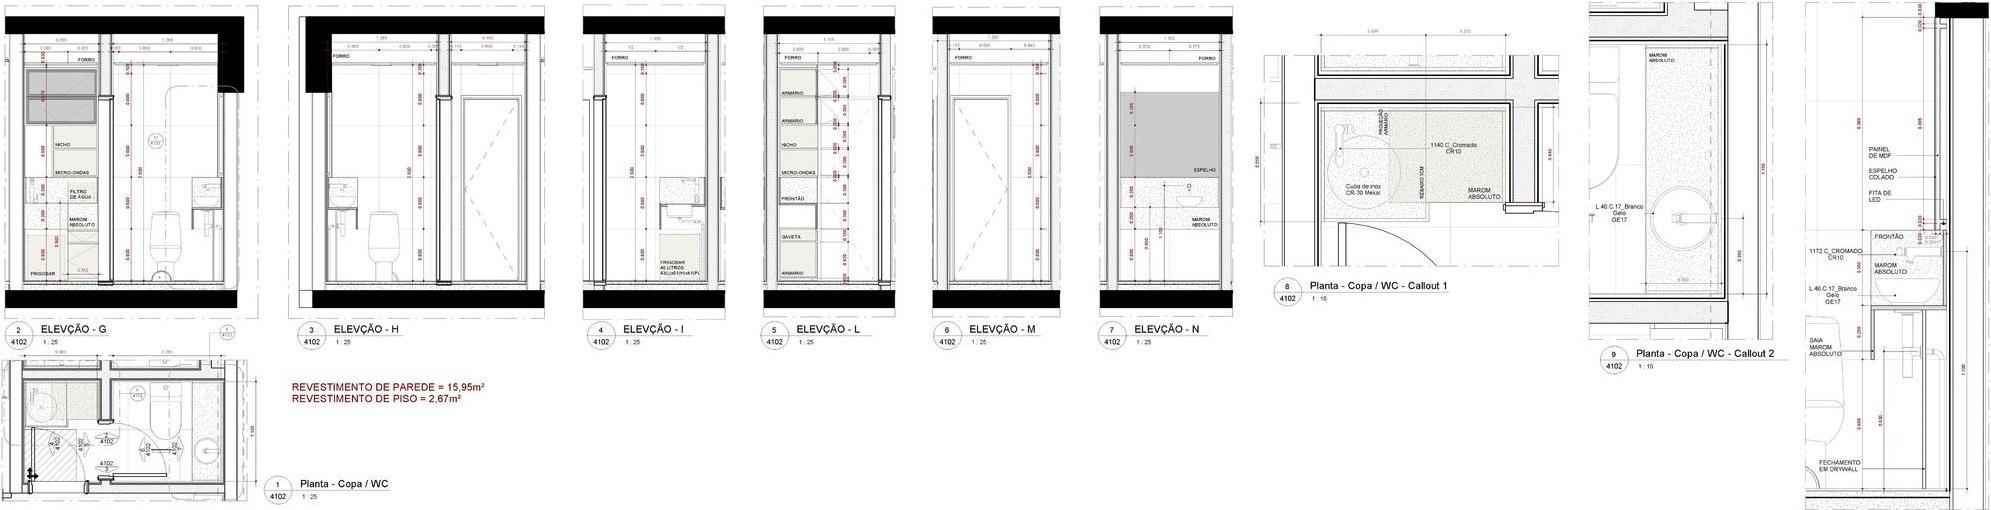 2 (1).jpg